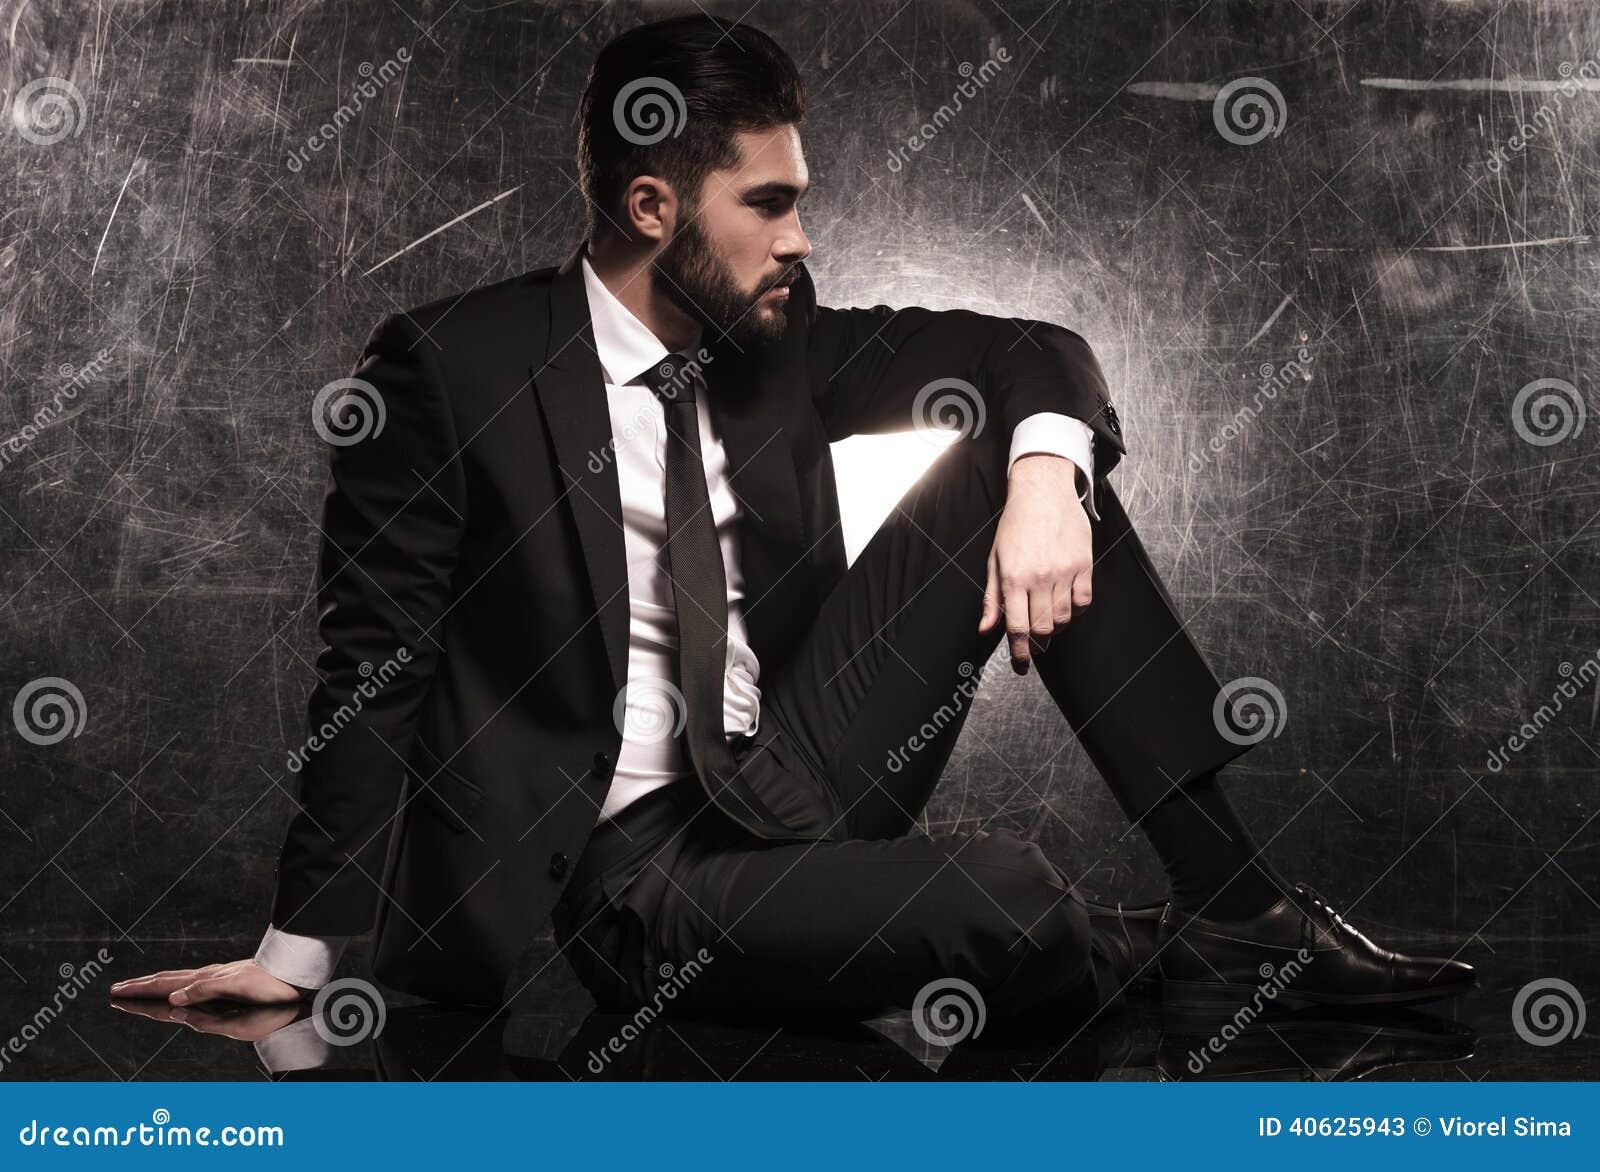 Lato di un uomo elegante di affari in vestito nero